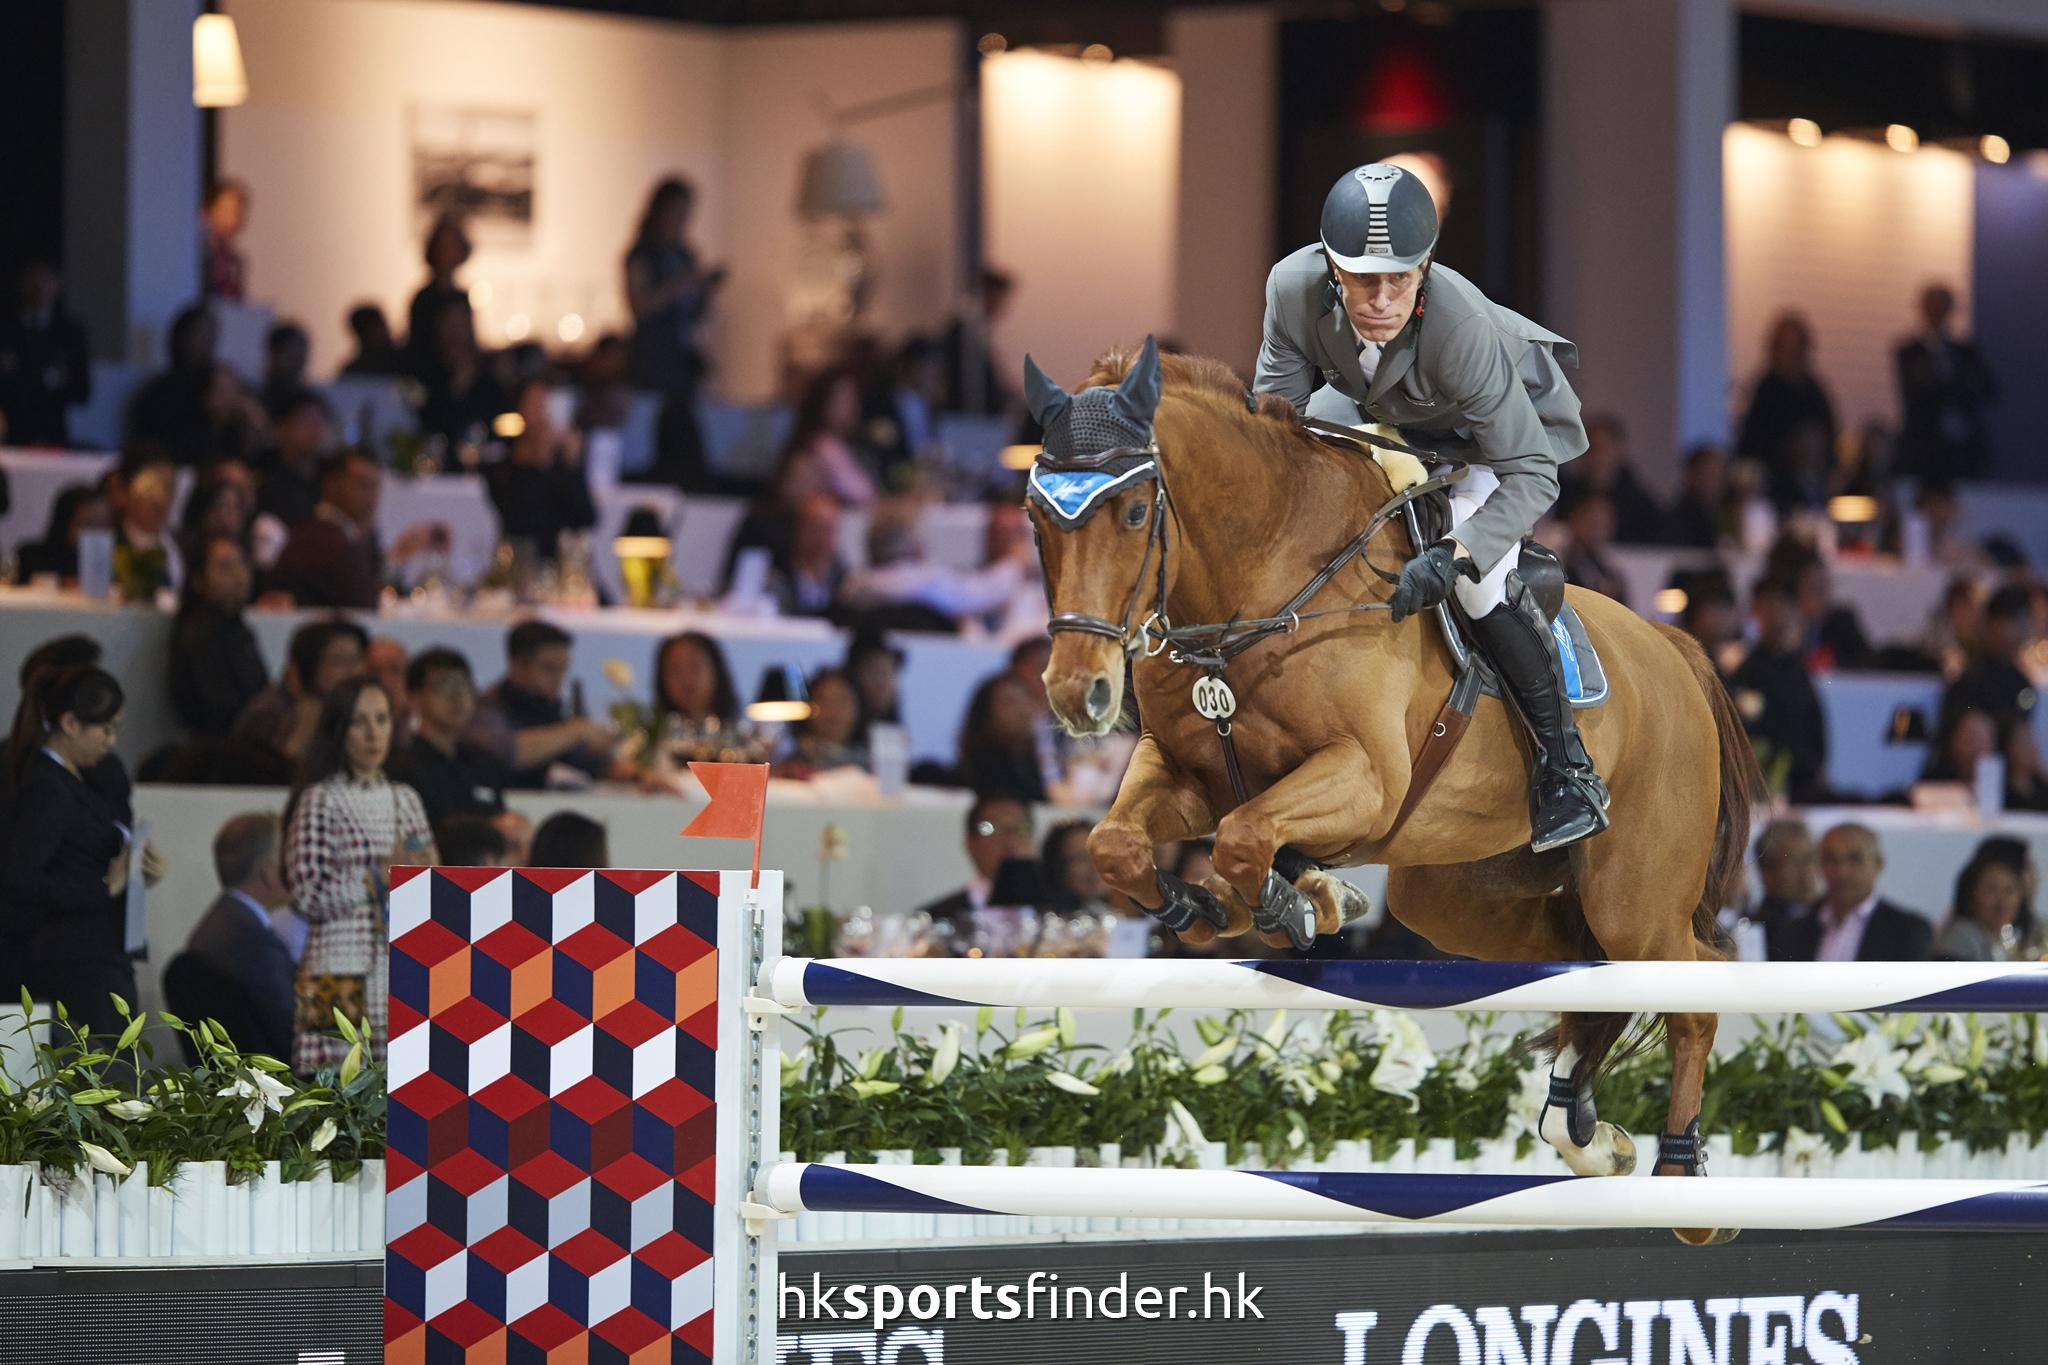 LUK_HORSE_17-02-12-16-42-40_0986.jpg